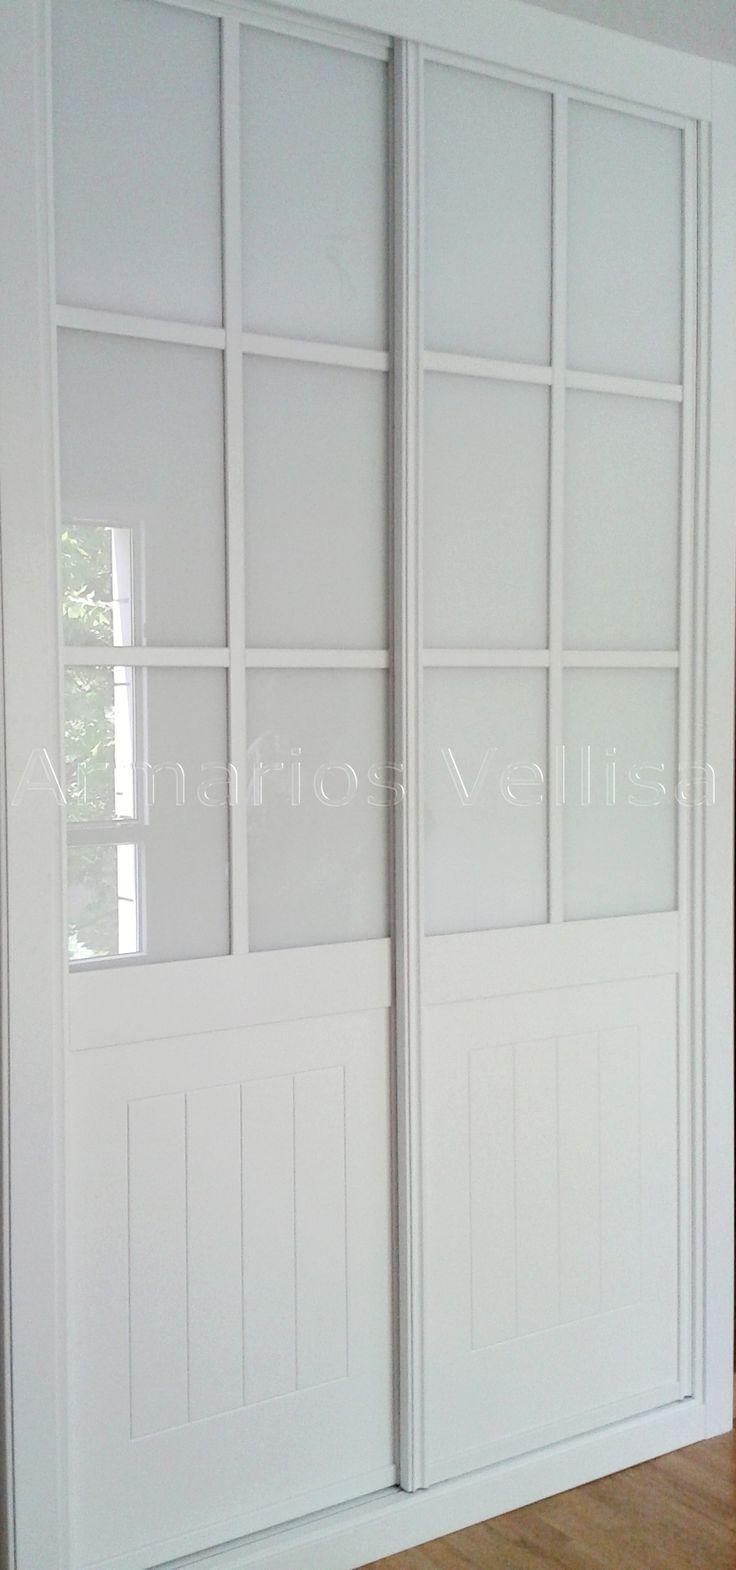 Como instalar puertas correderas de armario interesting - Como poner puerta corredera ...